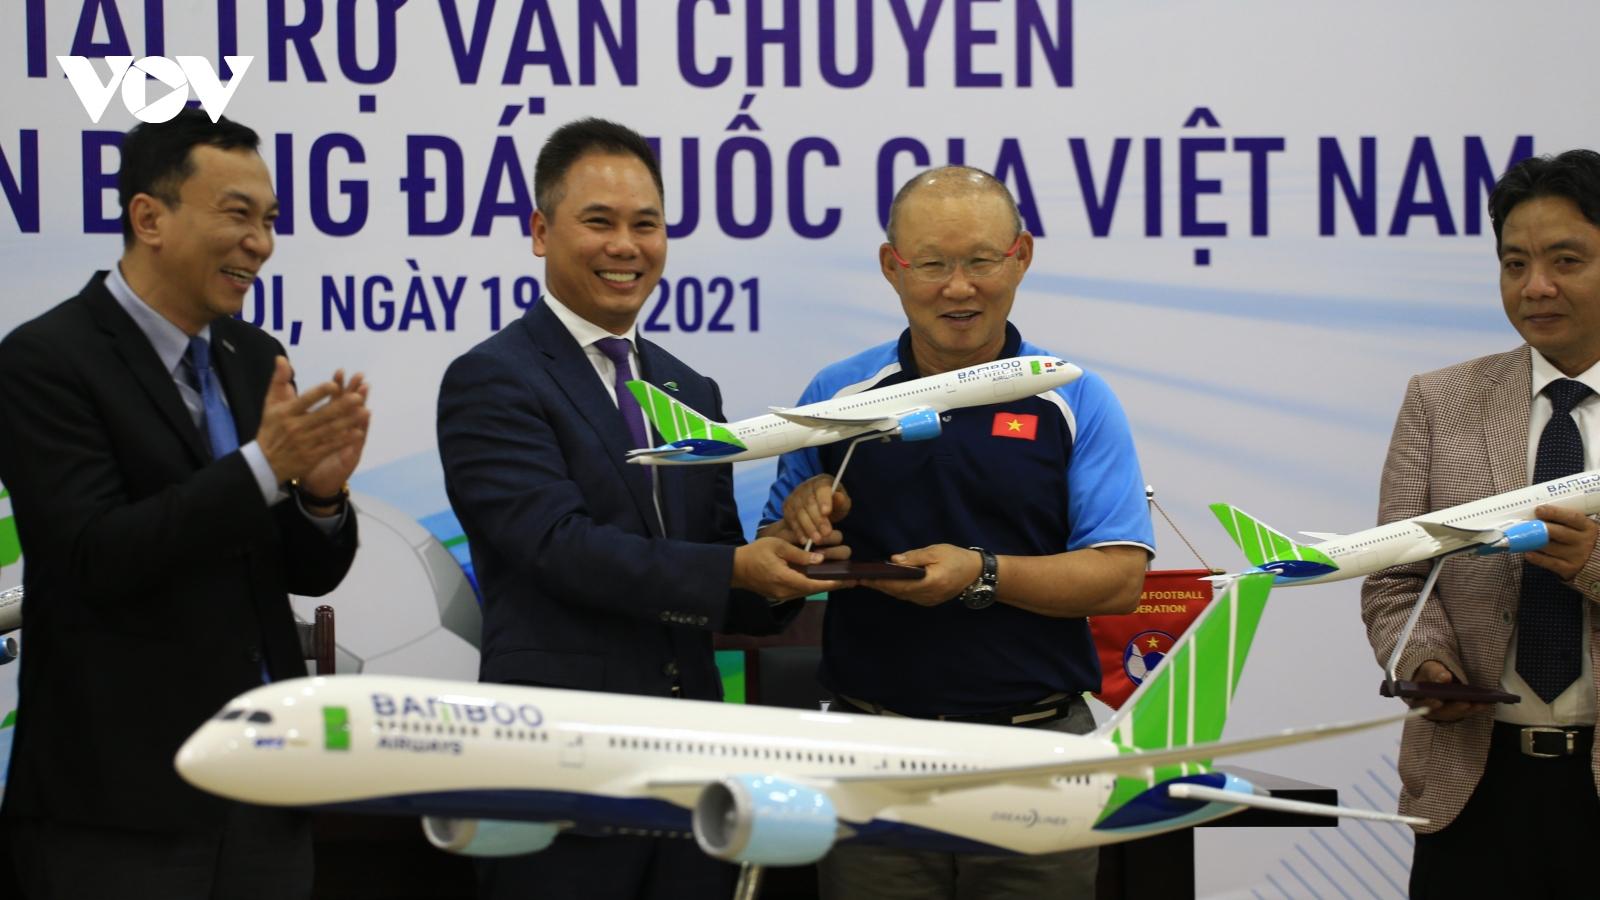 Các Đội tuyển bóng đá Việt Nam có nhà tài trợ vận chuyển đẳng cấp 5 sao